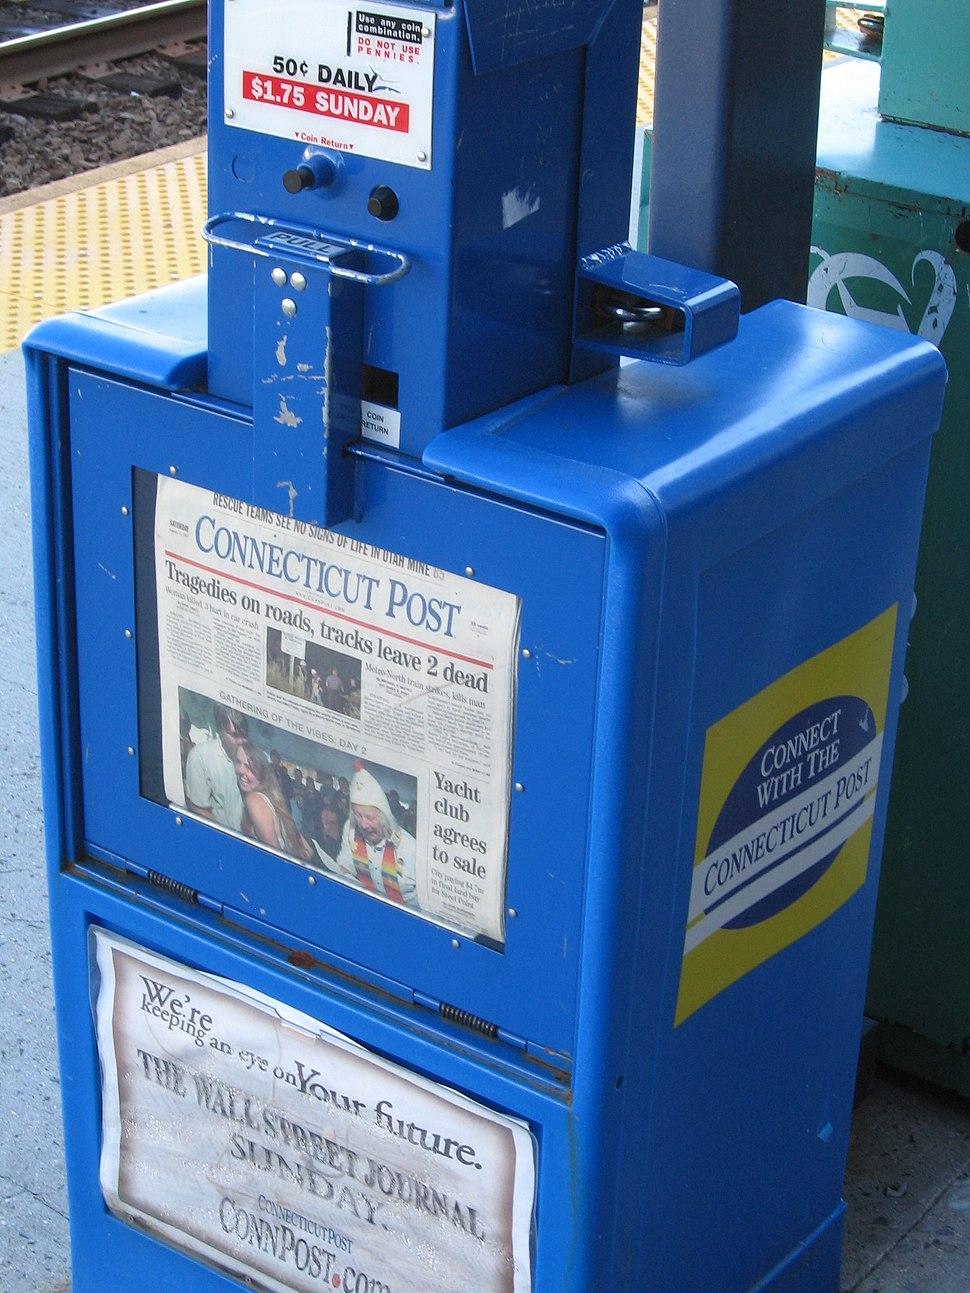 ConnecticutPostVendingBox081107